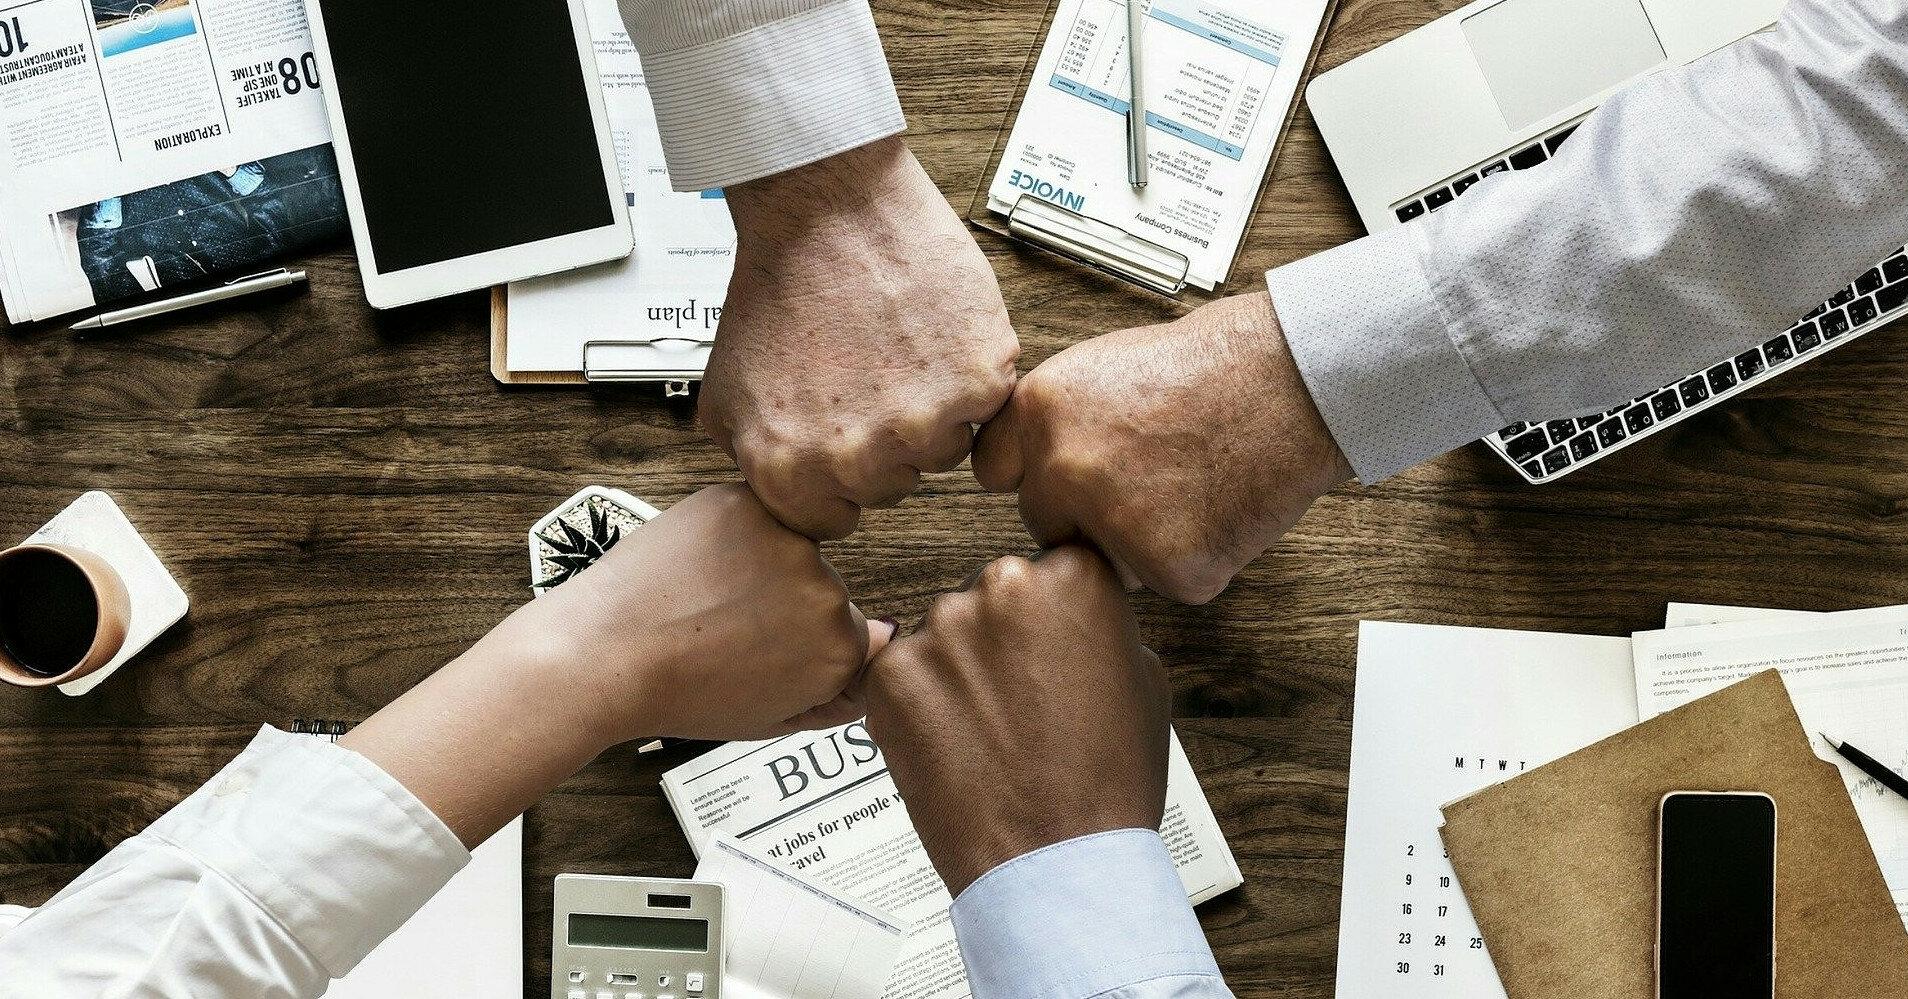 Предприниматели призывают власть к диалогу: подробности